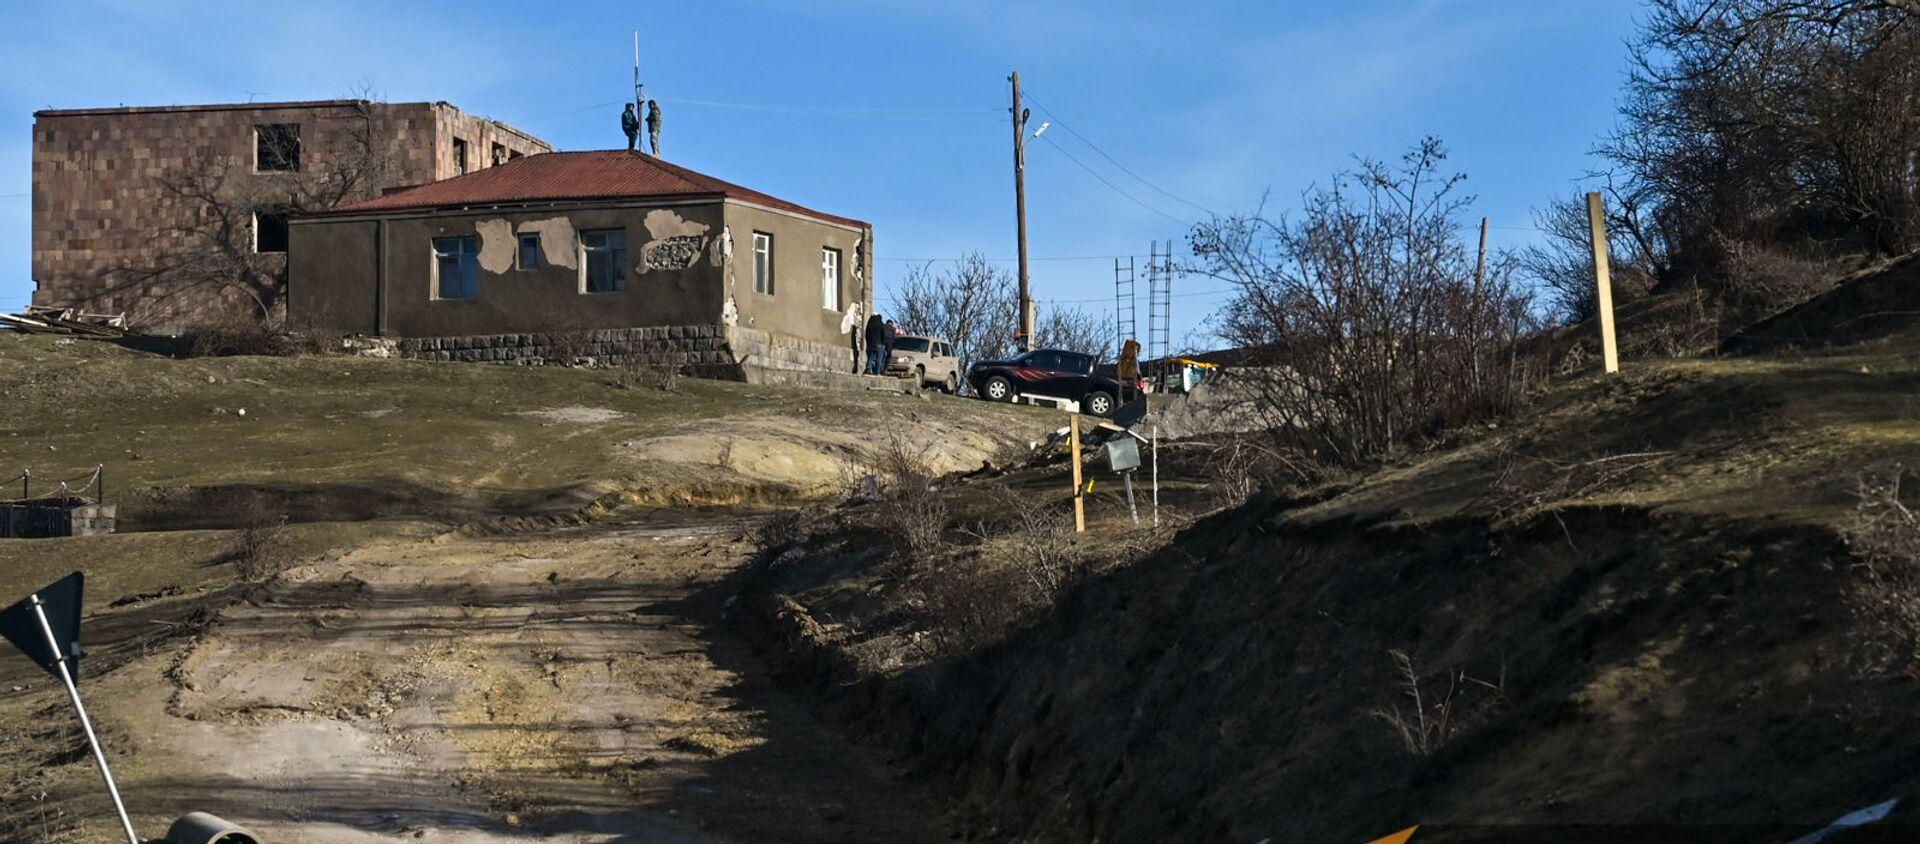 Жители села Шурнух Сюникской области устанавливают антенну на крыше дома - Sputnik Армения, 1920, 14.02.2021